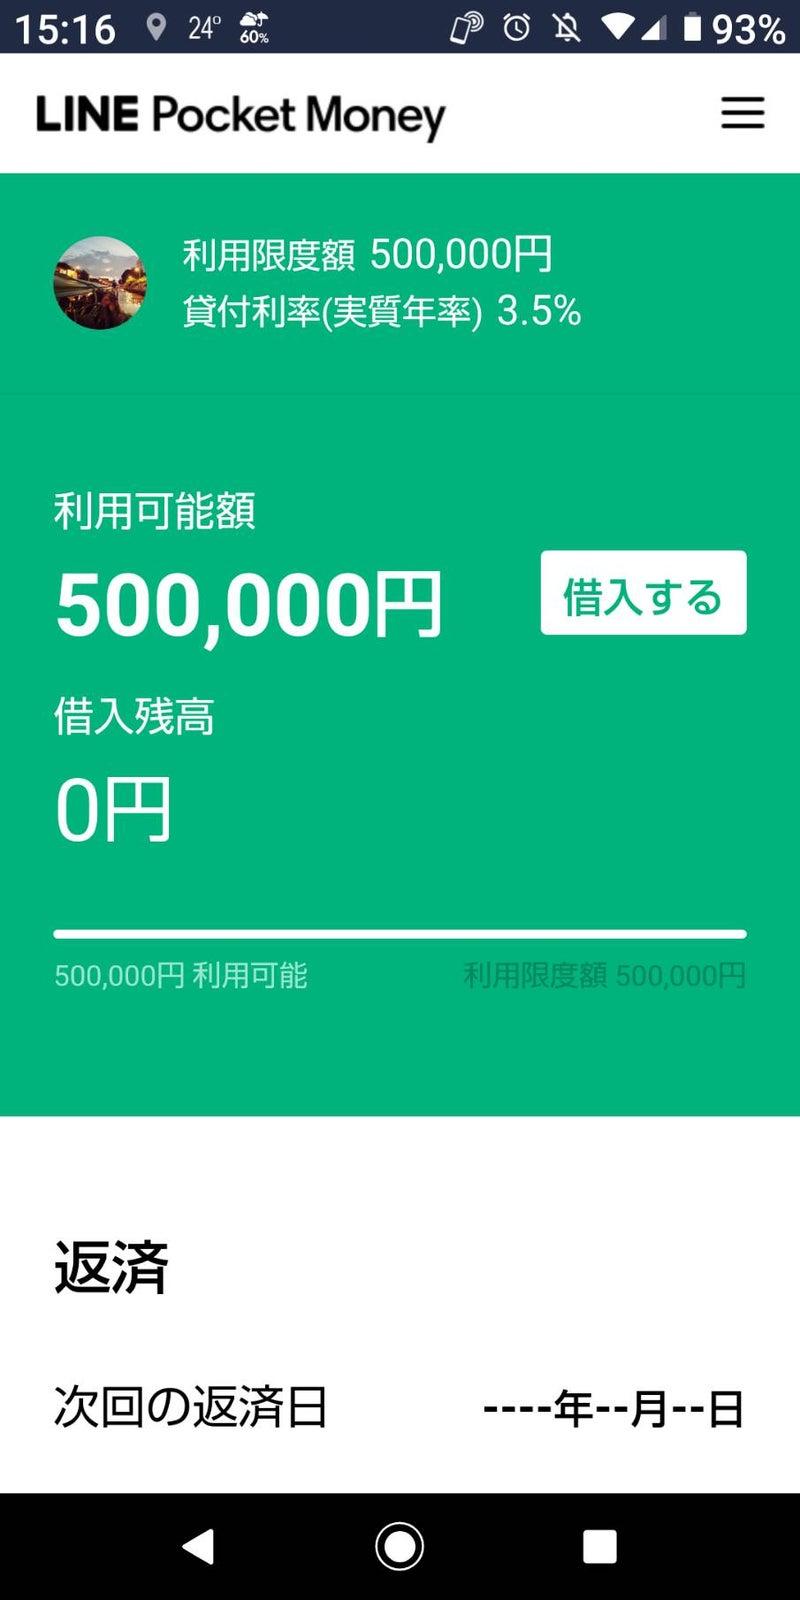 審査 マネー 時間 ポケット Line